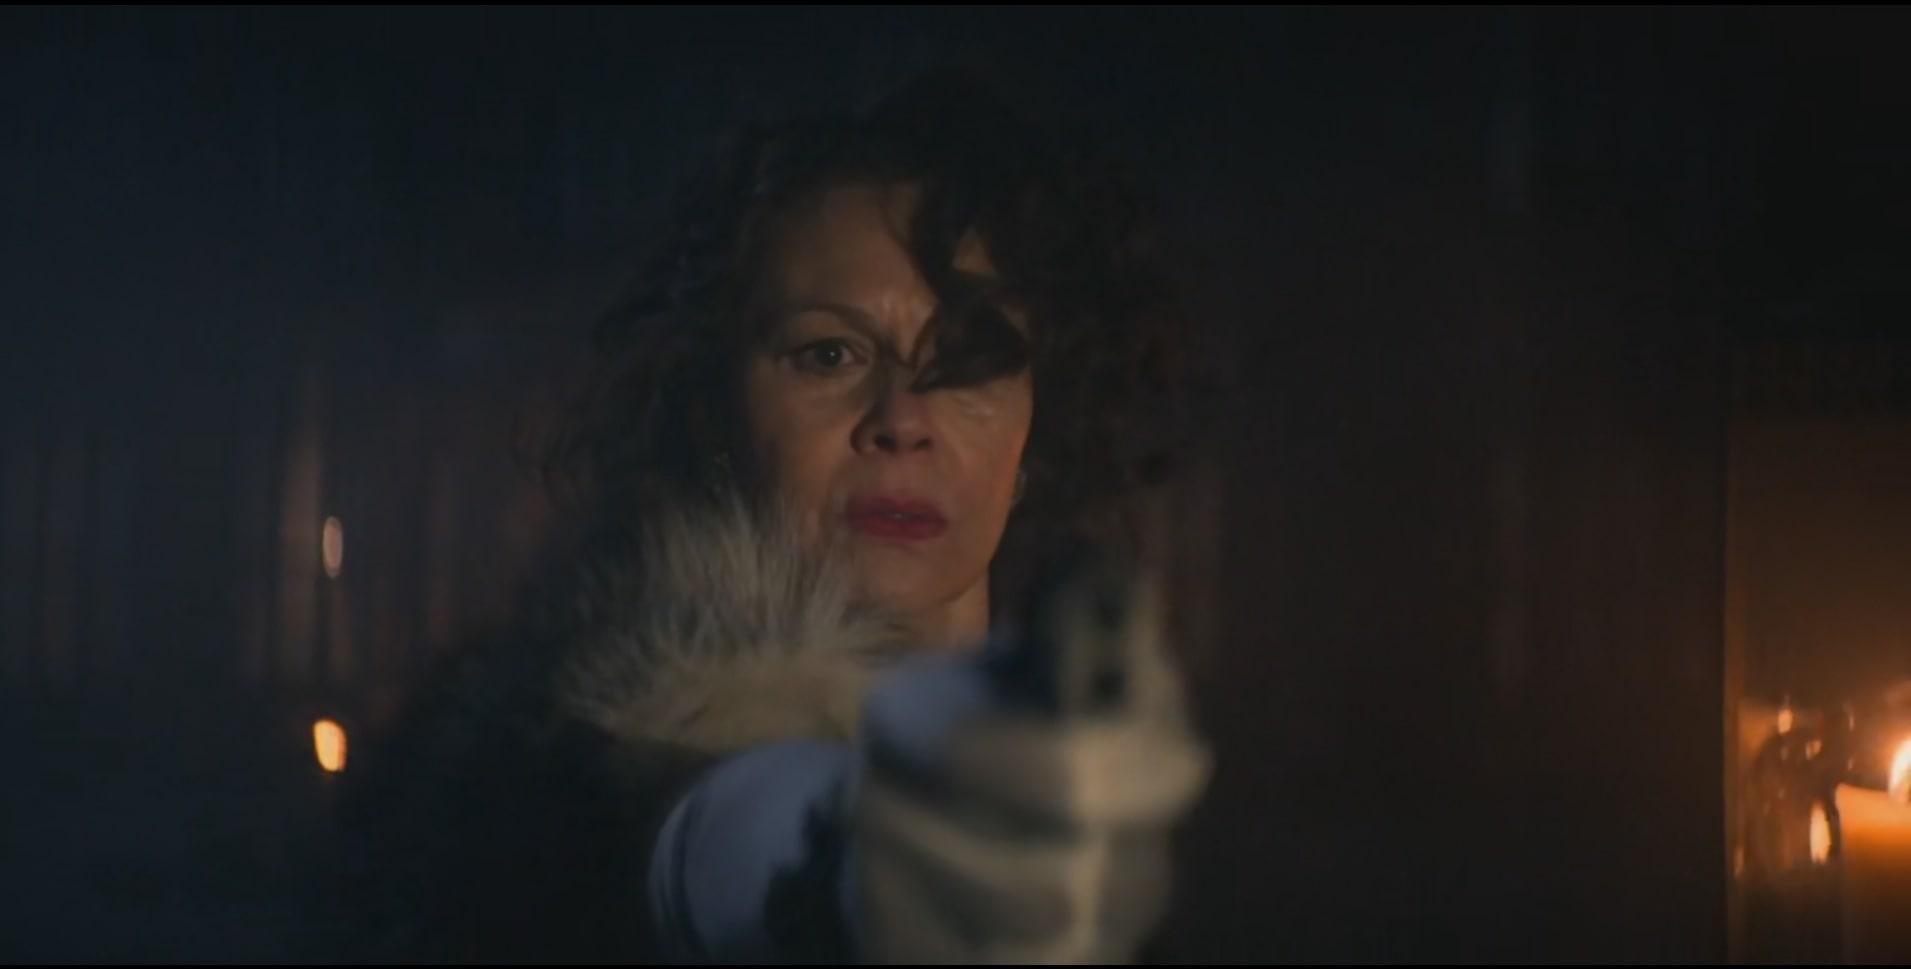 بررسی قسمت چهارم فصل پنجم سریال Peaky blinders ؛ ضیافت خونین